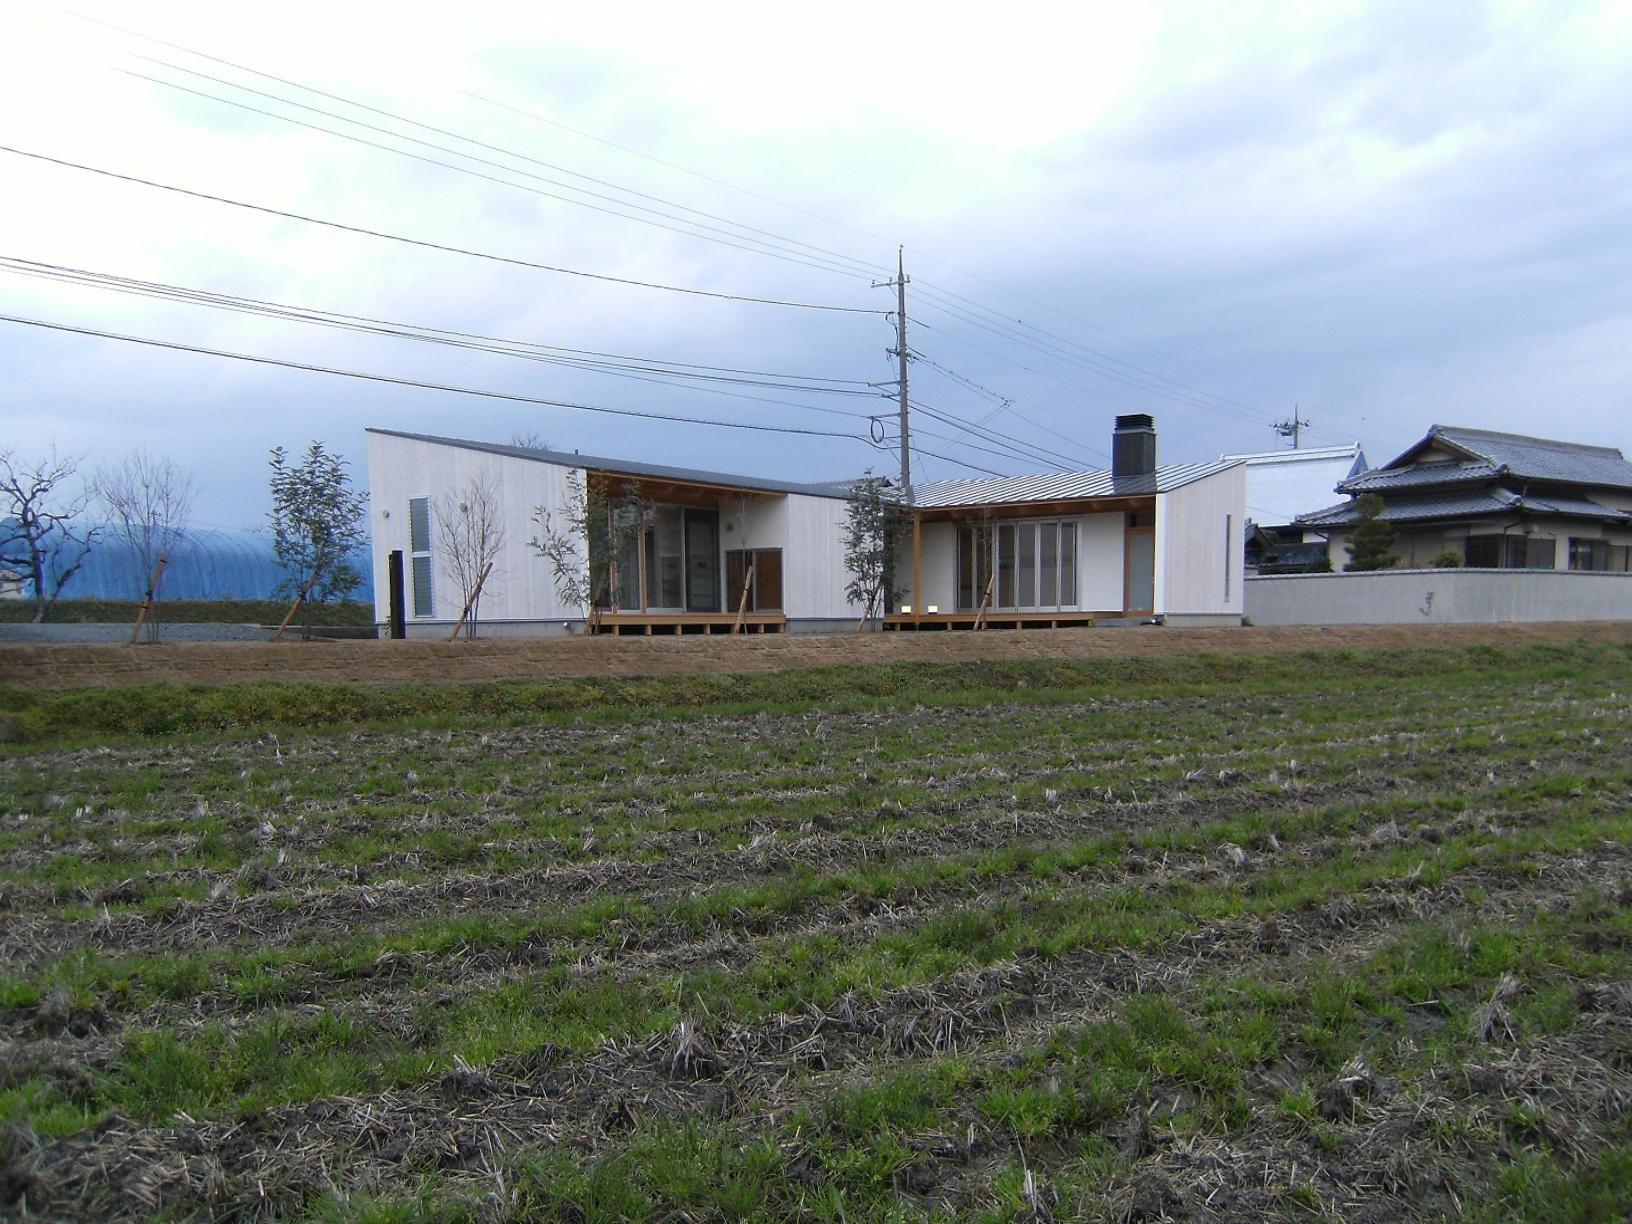 田畑と空におなかを見せて暮らす家